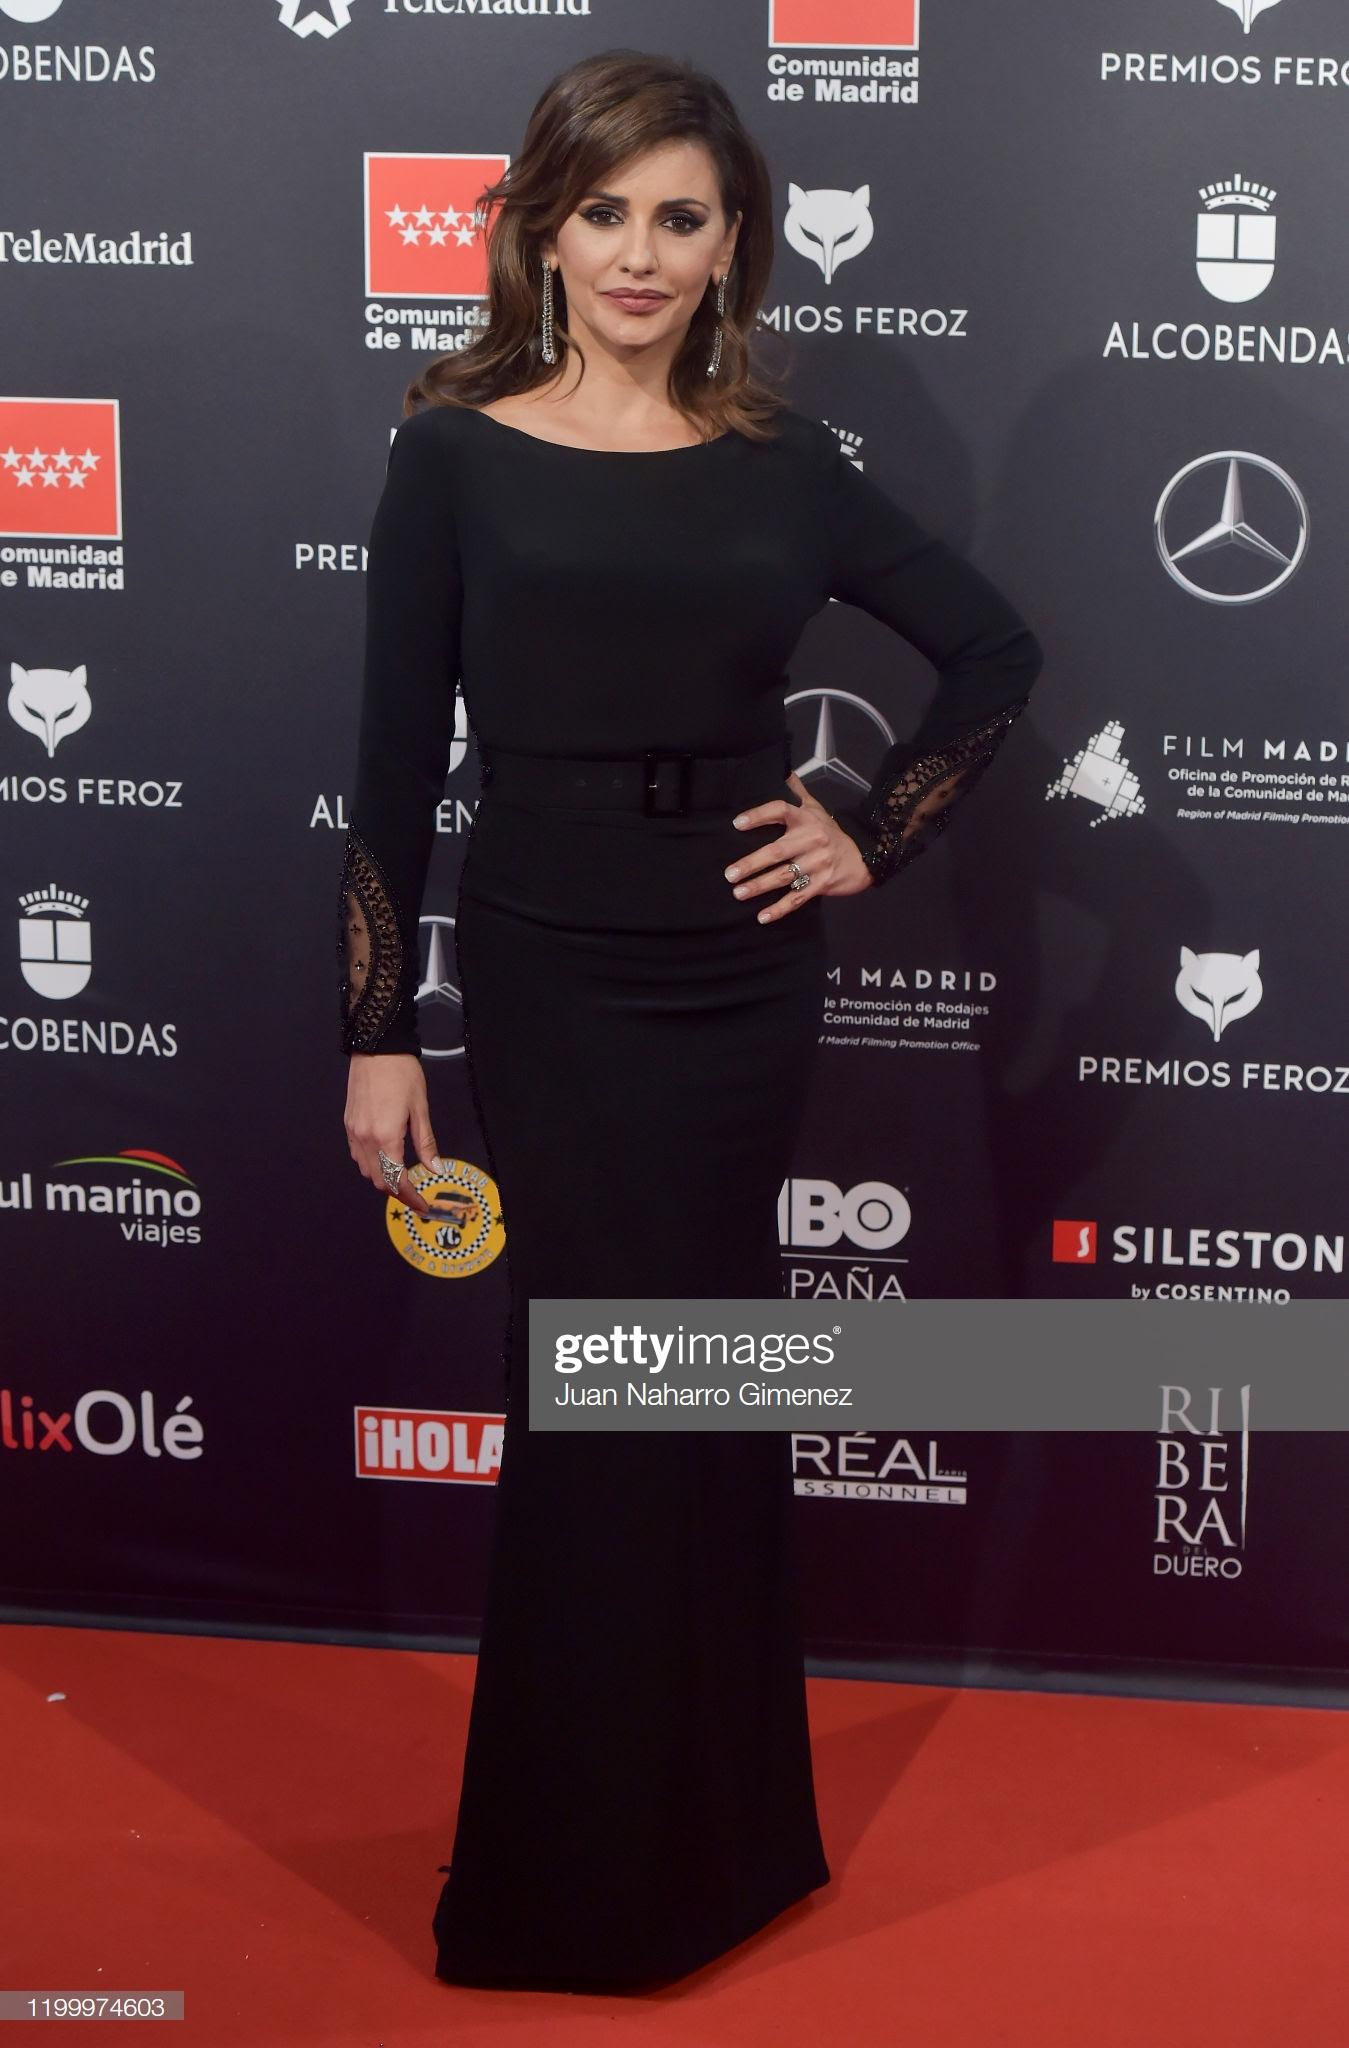 bd52a487 1c03 4c03 bb52 8c7cacfad080 - Premios Feroz 2020 : Mónica Cruz, Macarena García y todas las celebrities que apostaron por las marcas de Replica